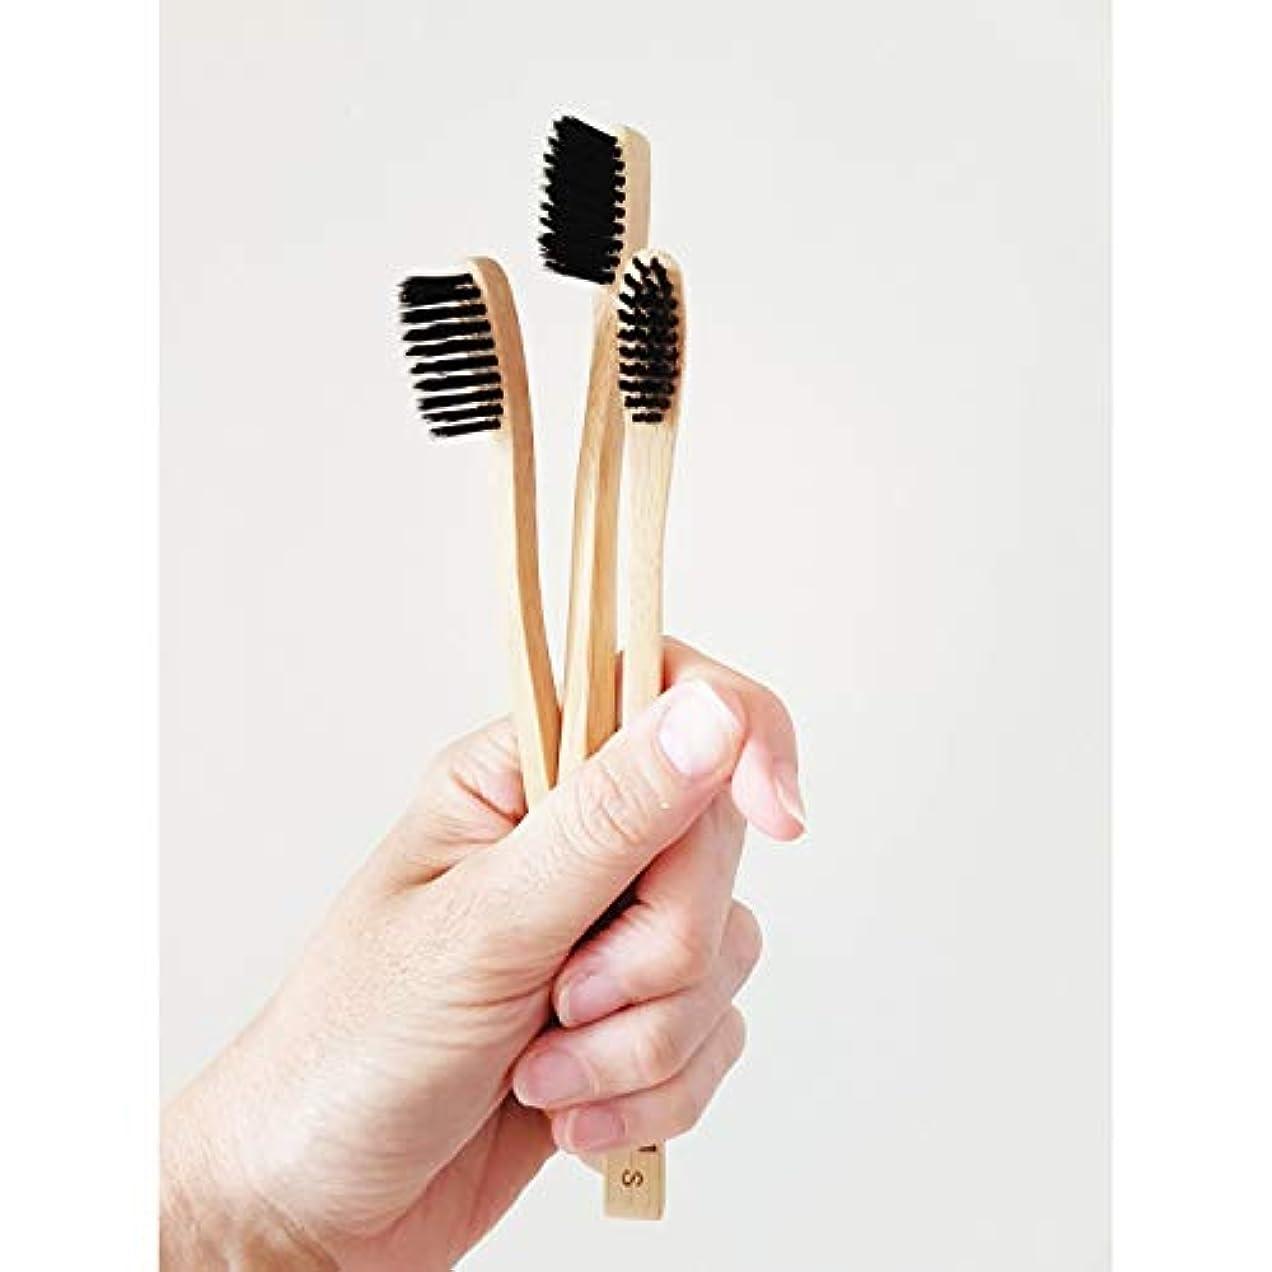 束ゼロプレゼントLadybug 竹の歯ブラシ 竹炭毛 バンブー歯ブラシ (3本入りセット)